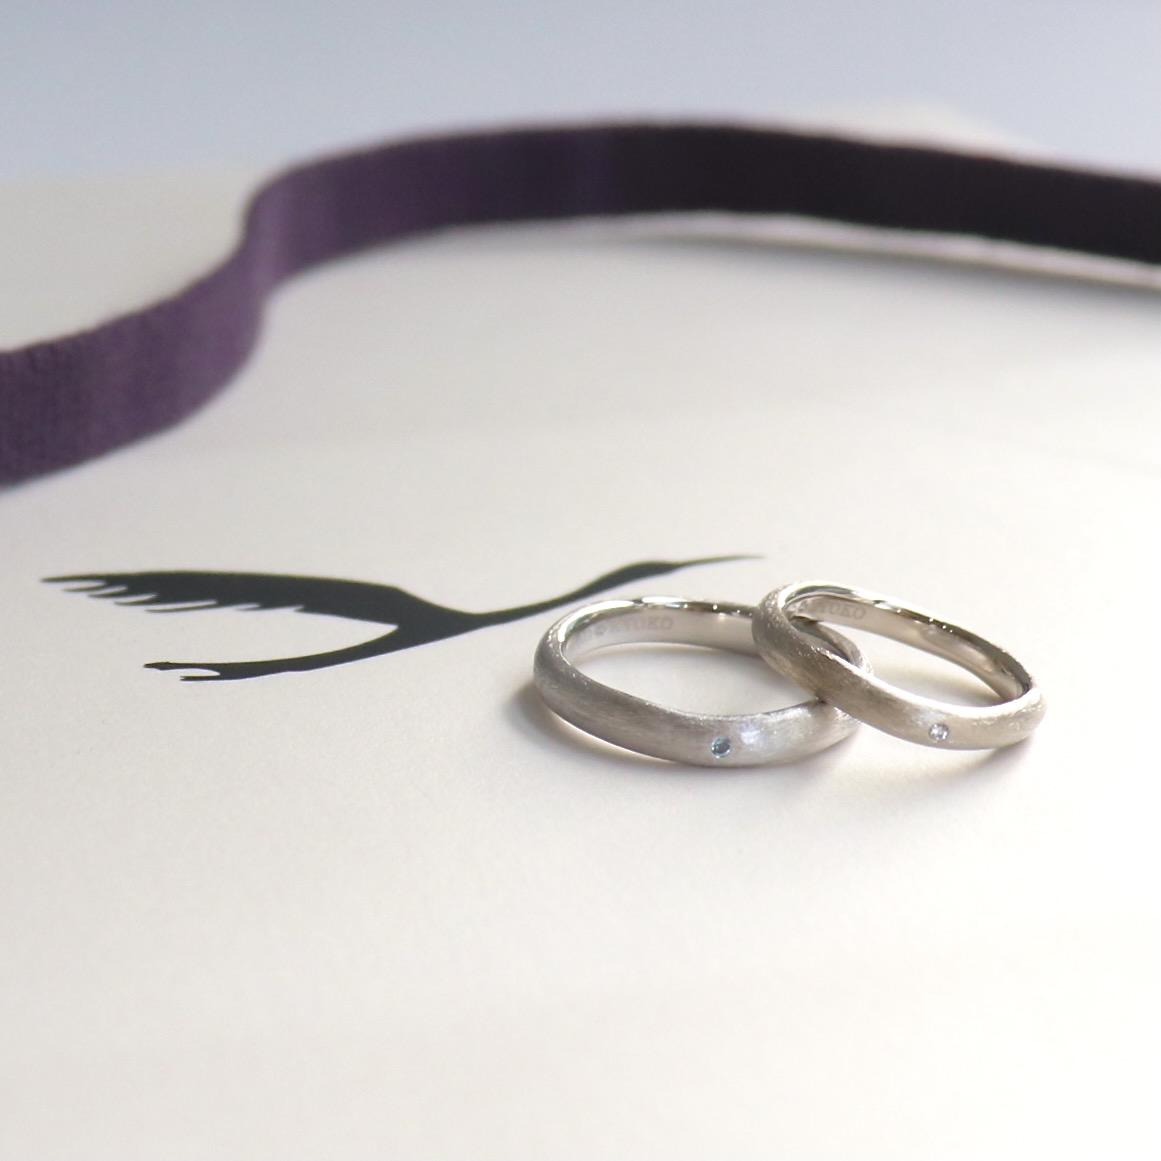 互いの誕生石を交換して仕立てたマットな結婚指輪